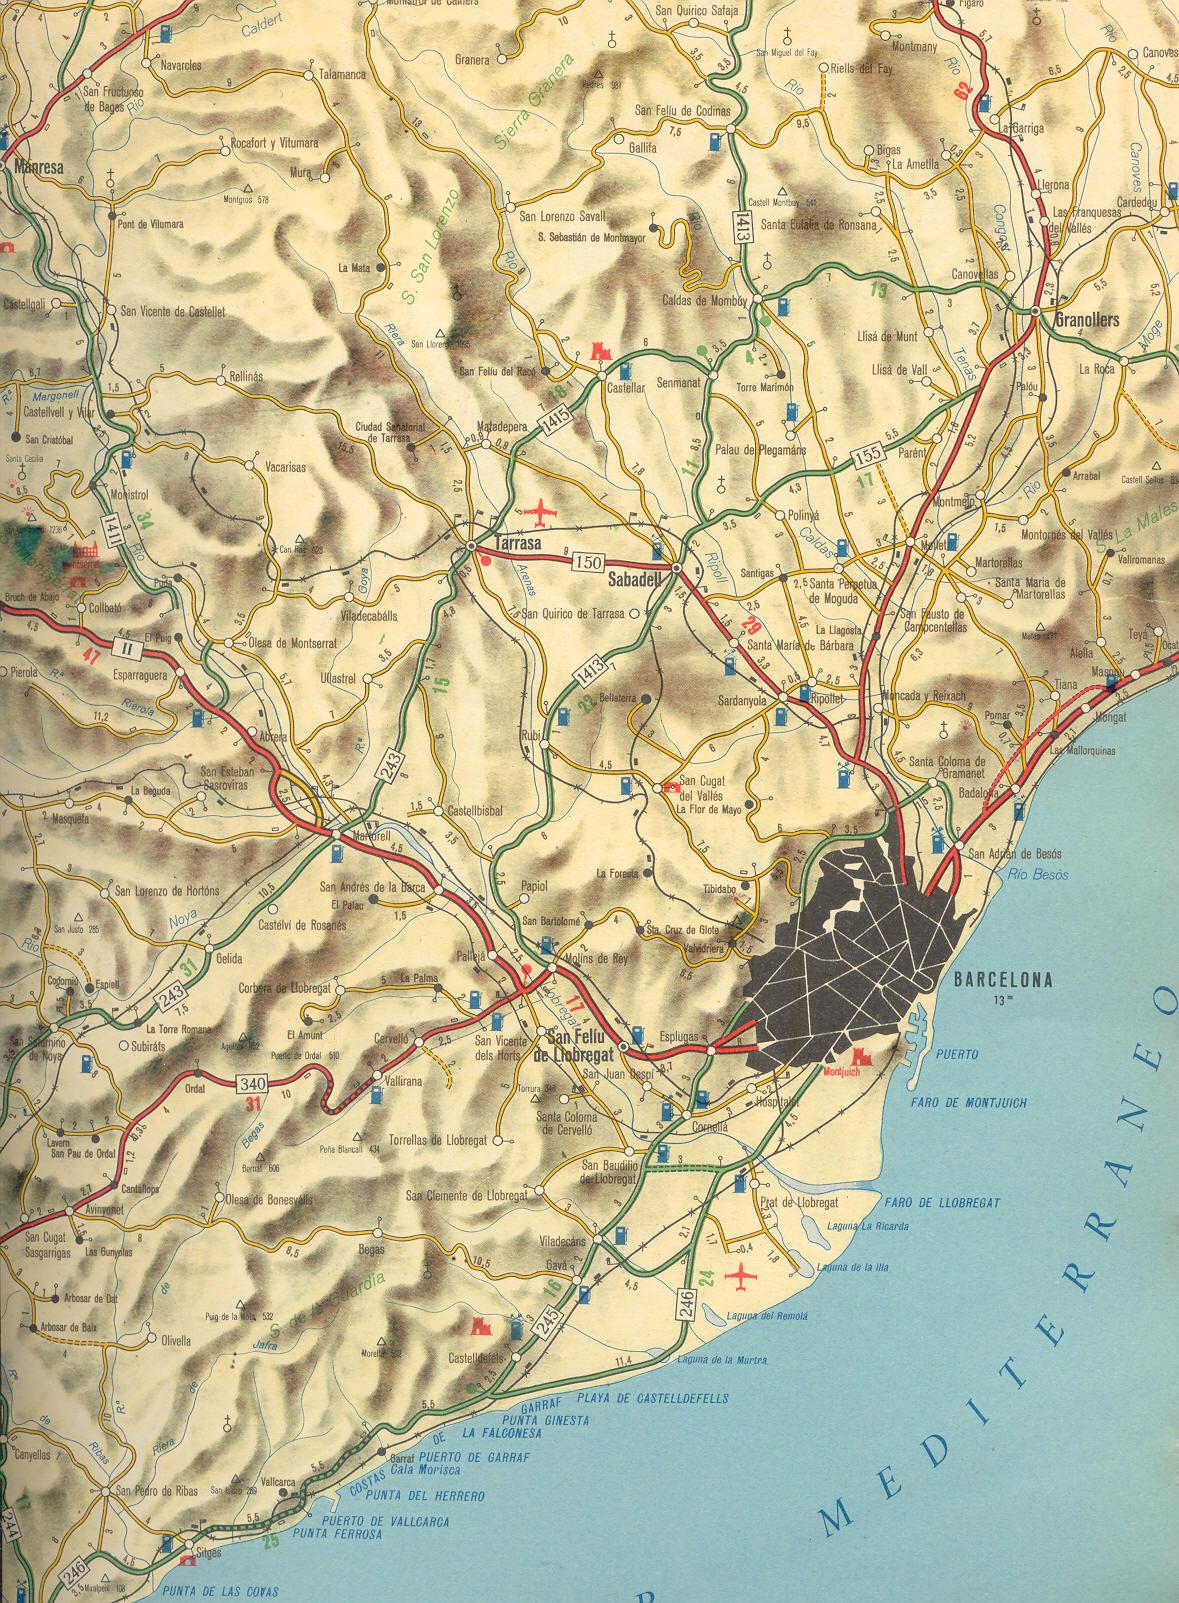 Zona de Barcelona en 1959